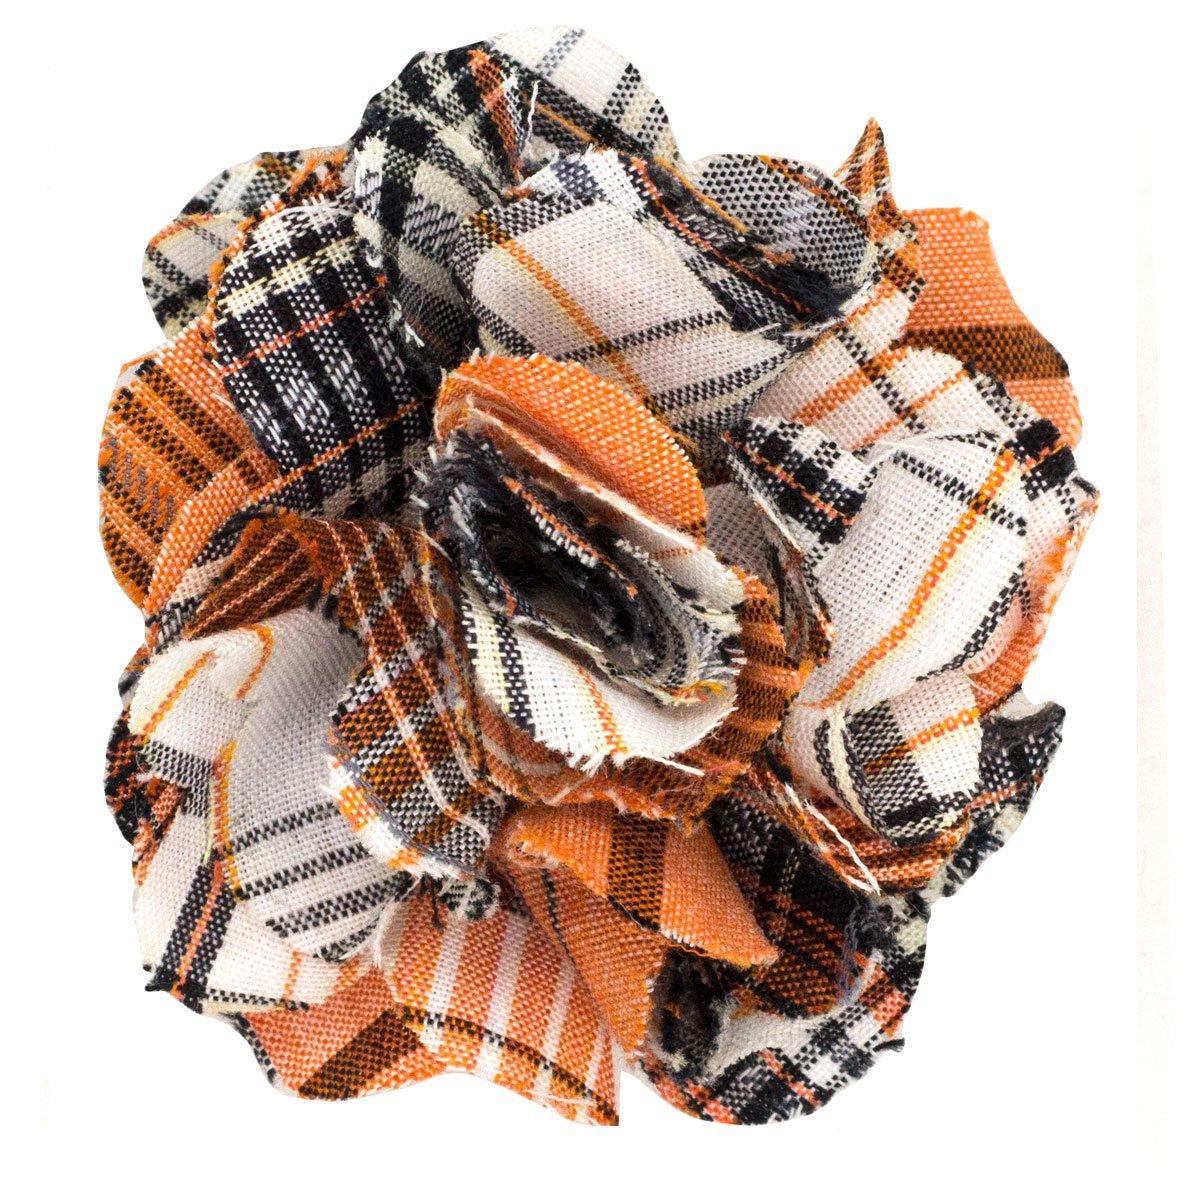 Cotton Lapel Flower . Orange and Tan Plaids